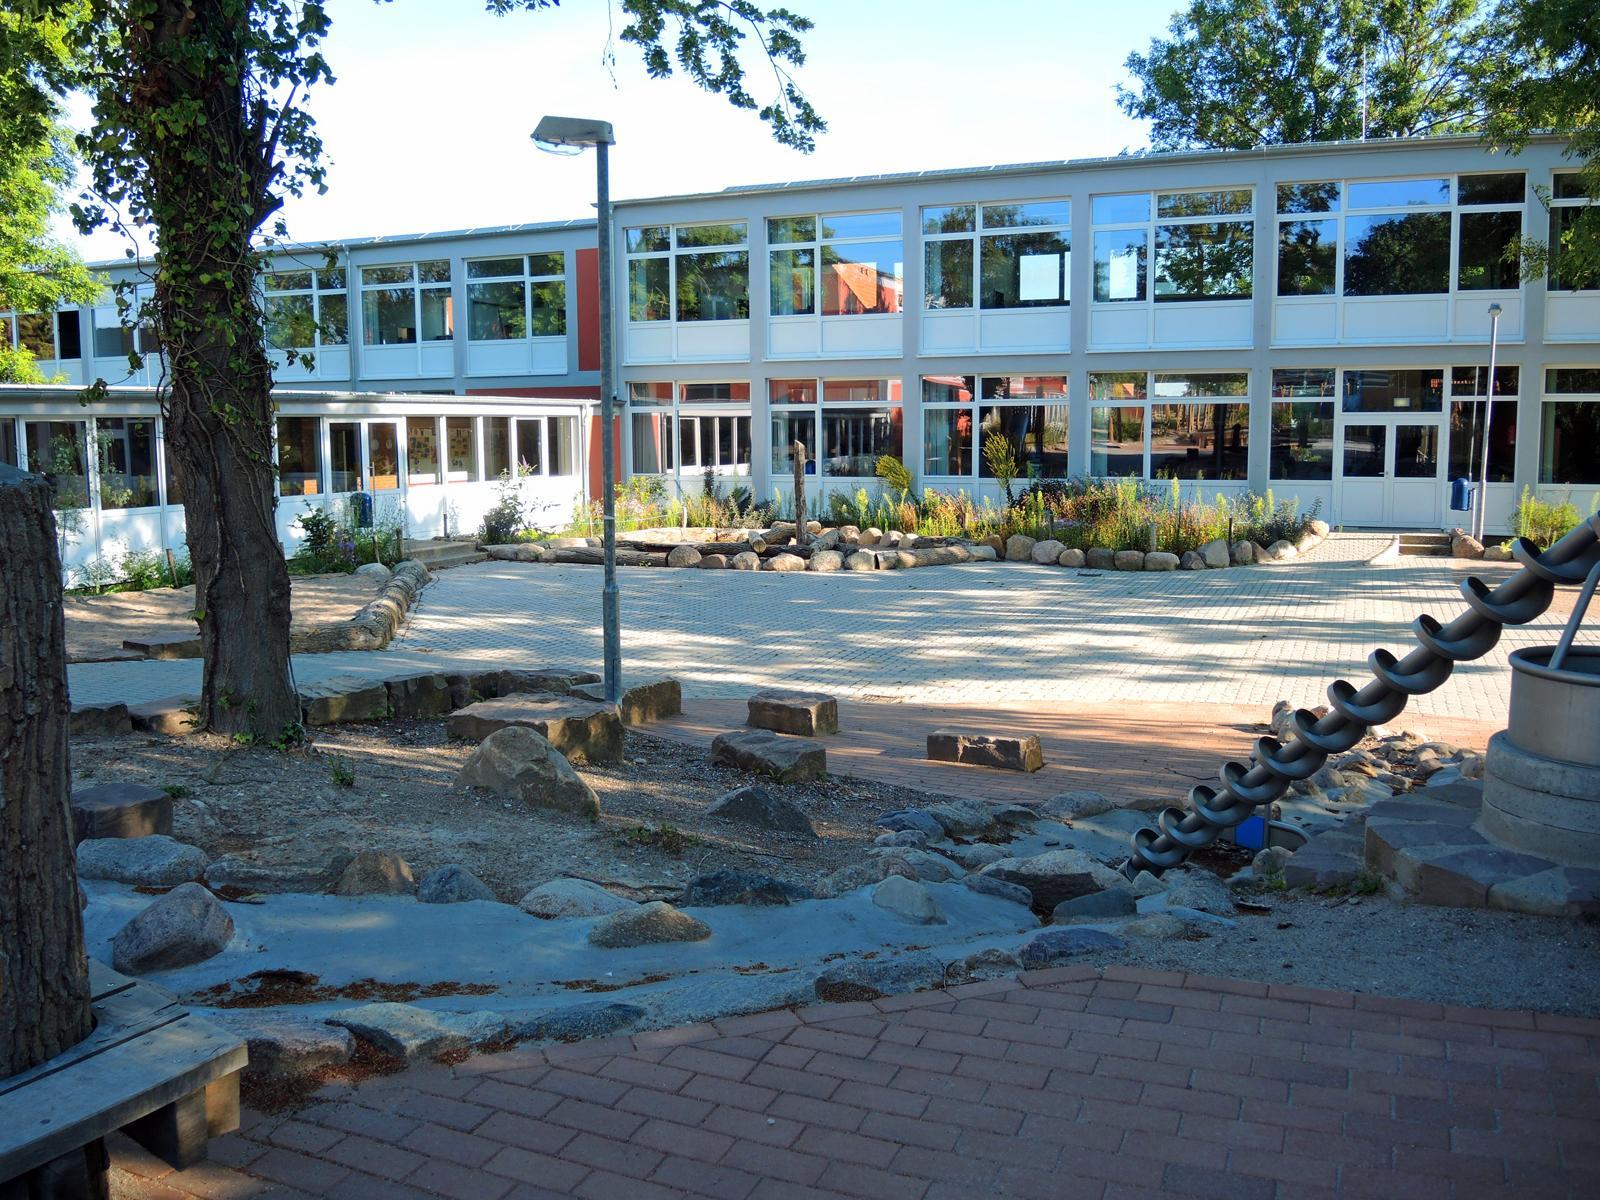 Theodor-Storm-Schule, Heiligenhafen